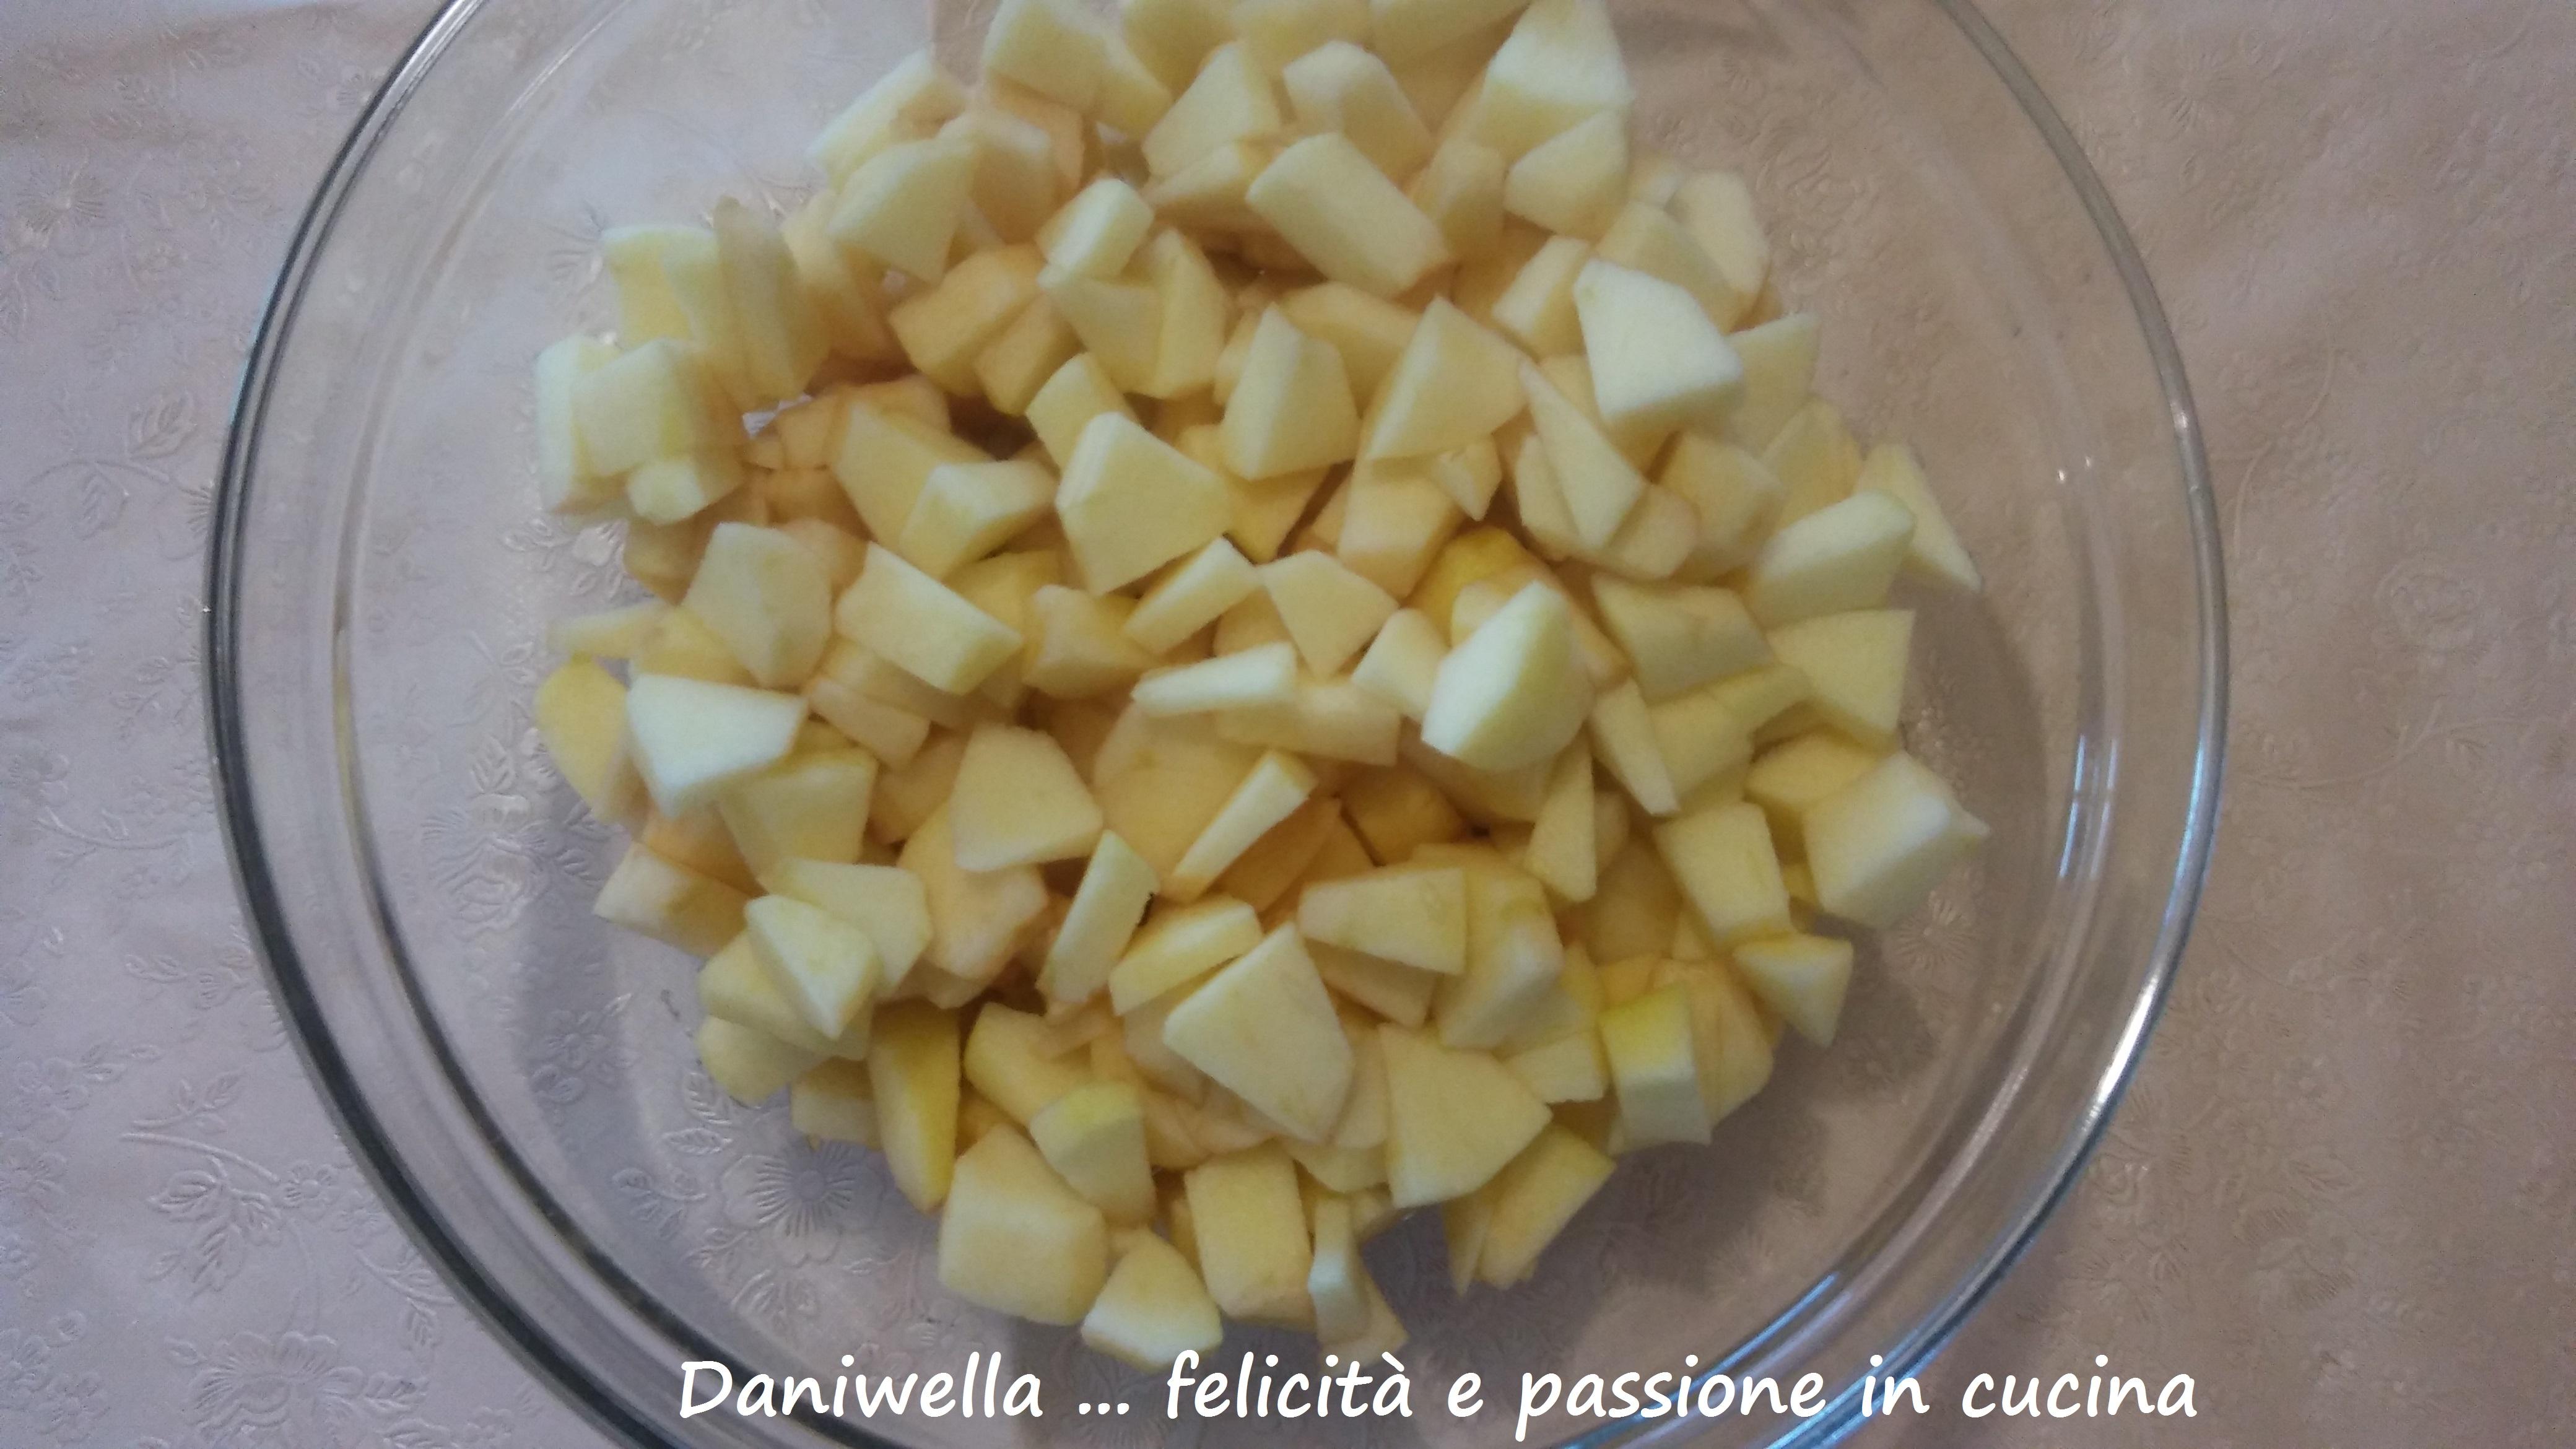 Sbucciate ora le mele e fatele a tocchetti medi (magari fatevi aiutare da altre due mani a fare questa operazione per velocizzare il tutto).